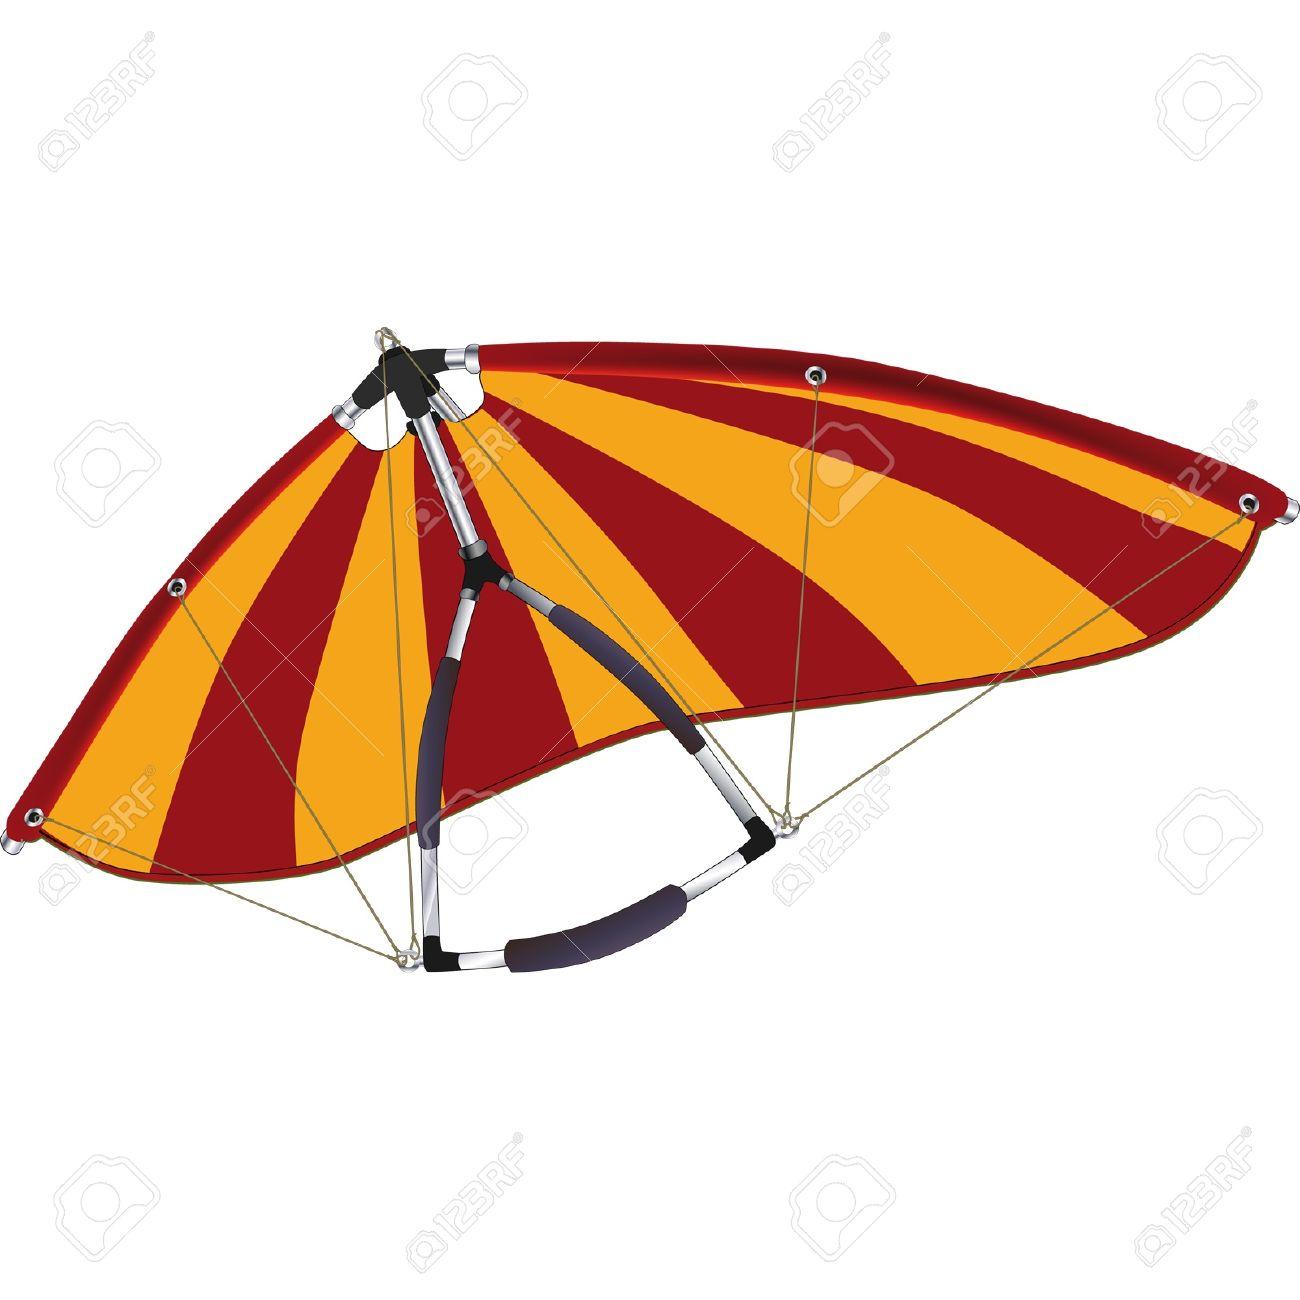 Hang Gliding Royalty Free Cliparts, Vectors, And Stock.